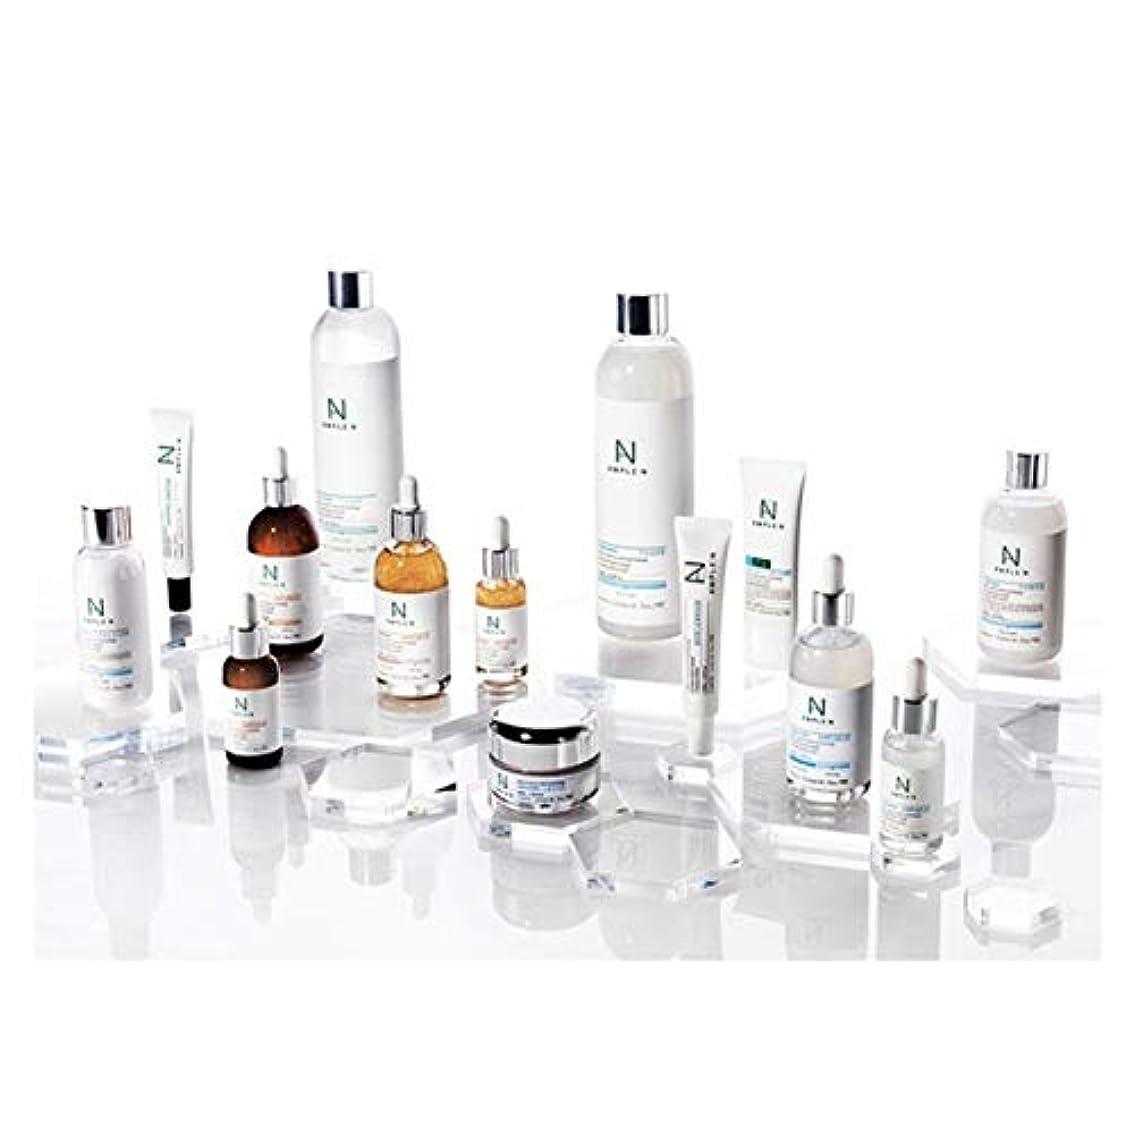 酸素広がりドメインアンプルNセラマイドショットアンプル100ml韓国コスメ、Ample N Ceramide Shot Ampoule 100ml Korean Cosmetics [並行輸入品]